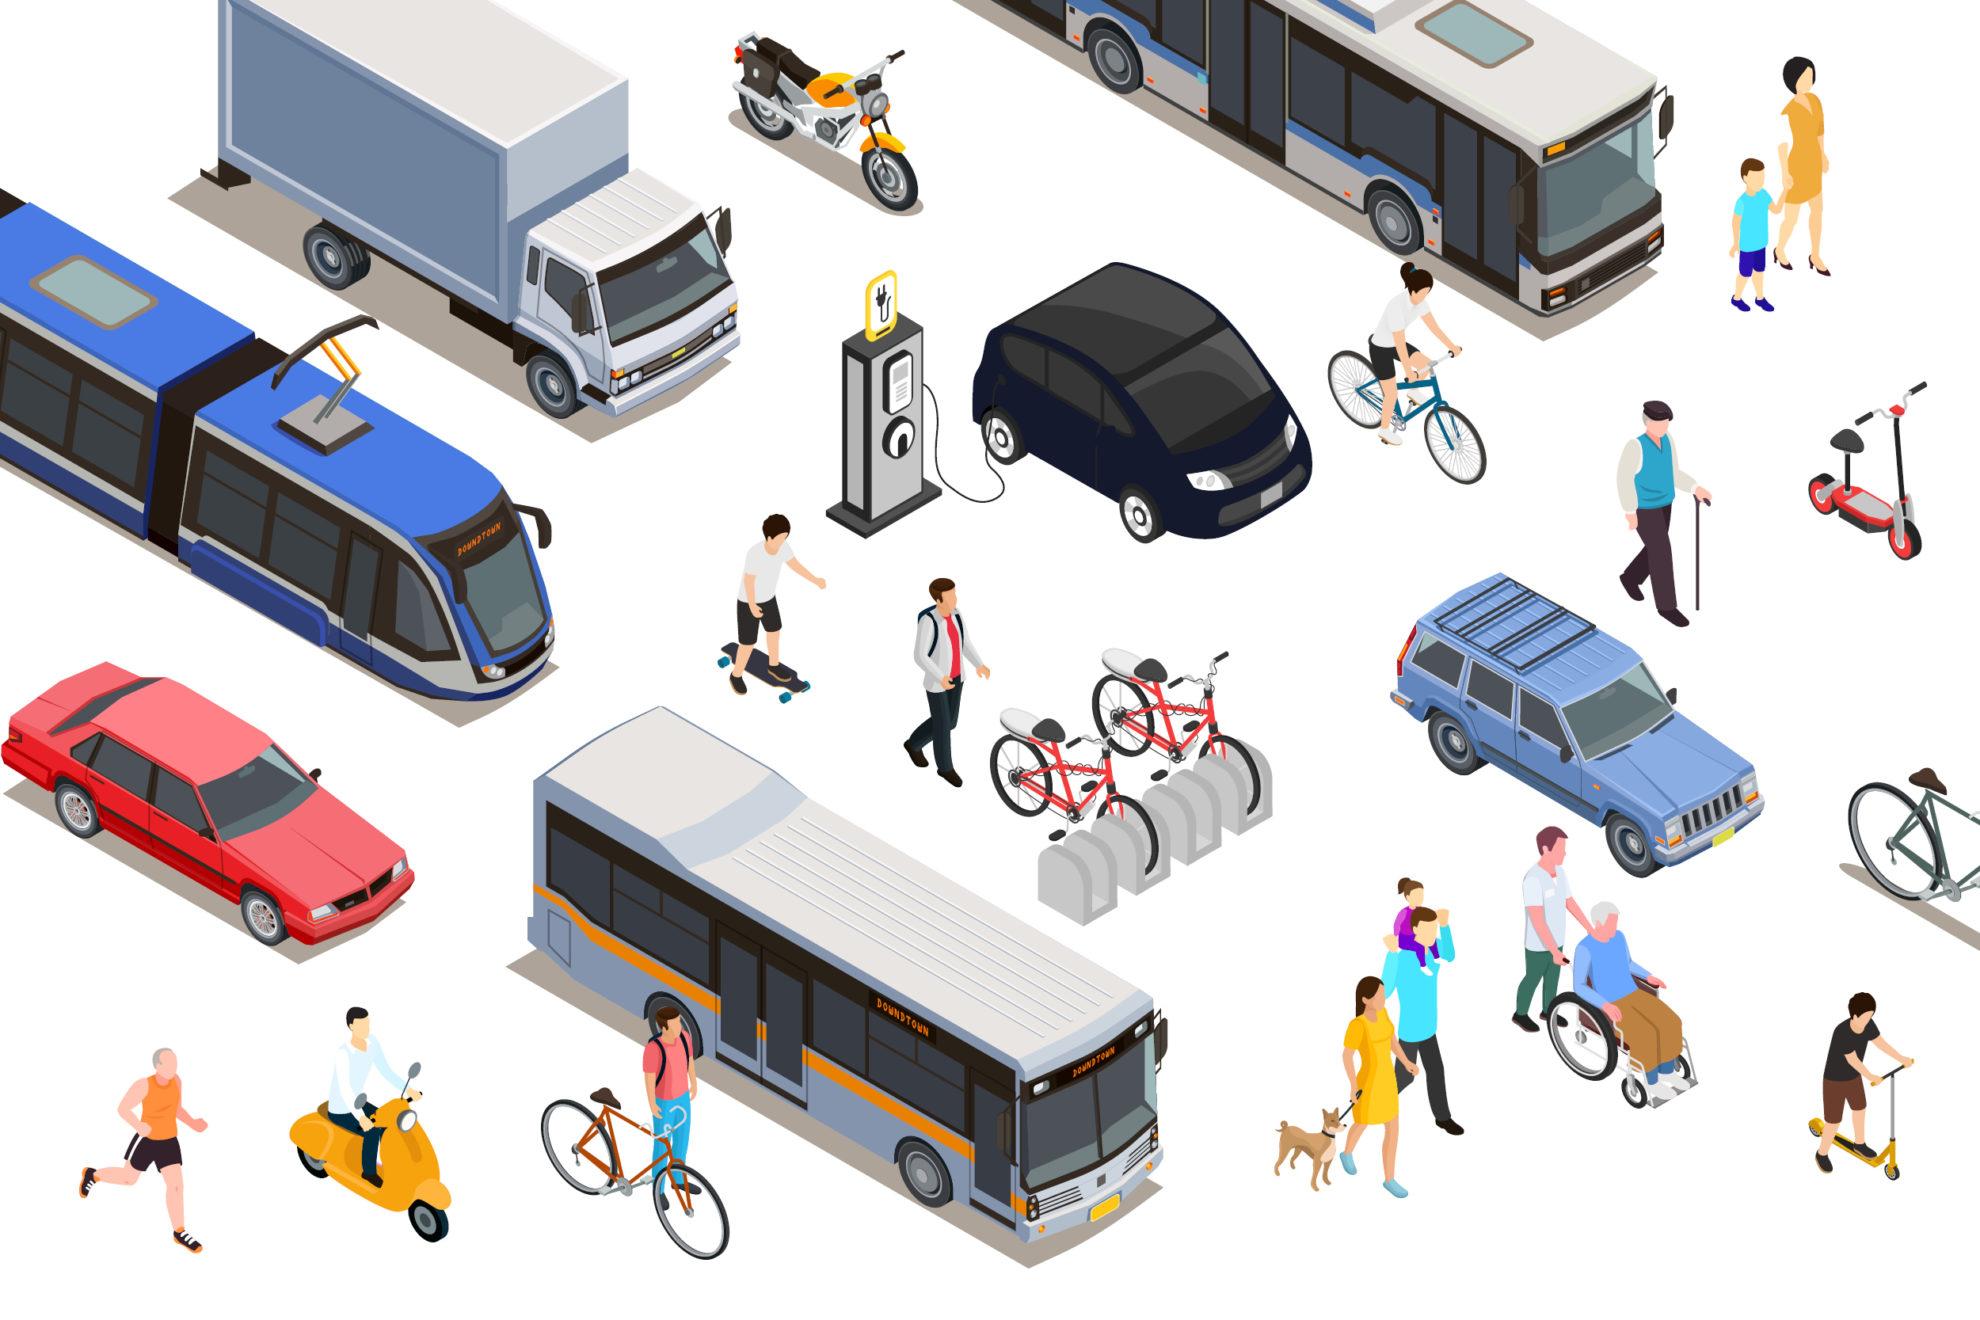 Illustration mit allen Verkehrsträgern wie Auto, Fahrrad, Roller, Vespa, Fußgänger, Laster, Bus, Skateboard, Motorrad